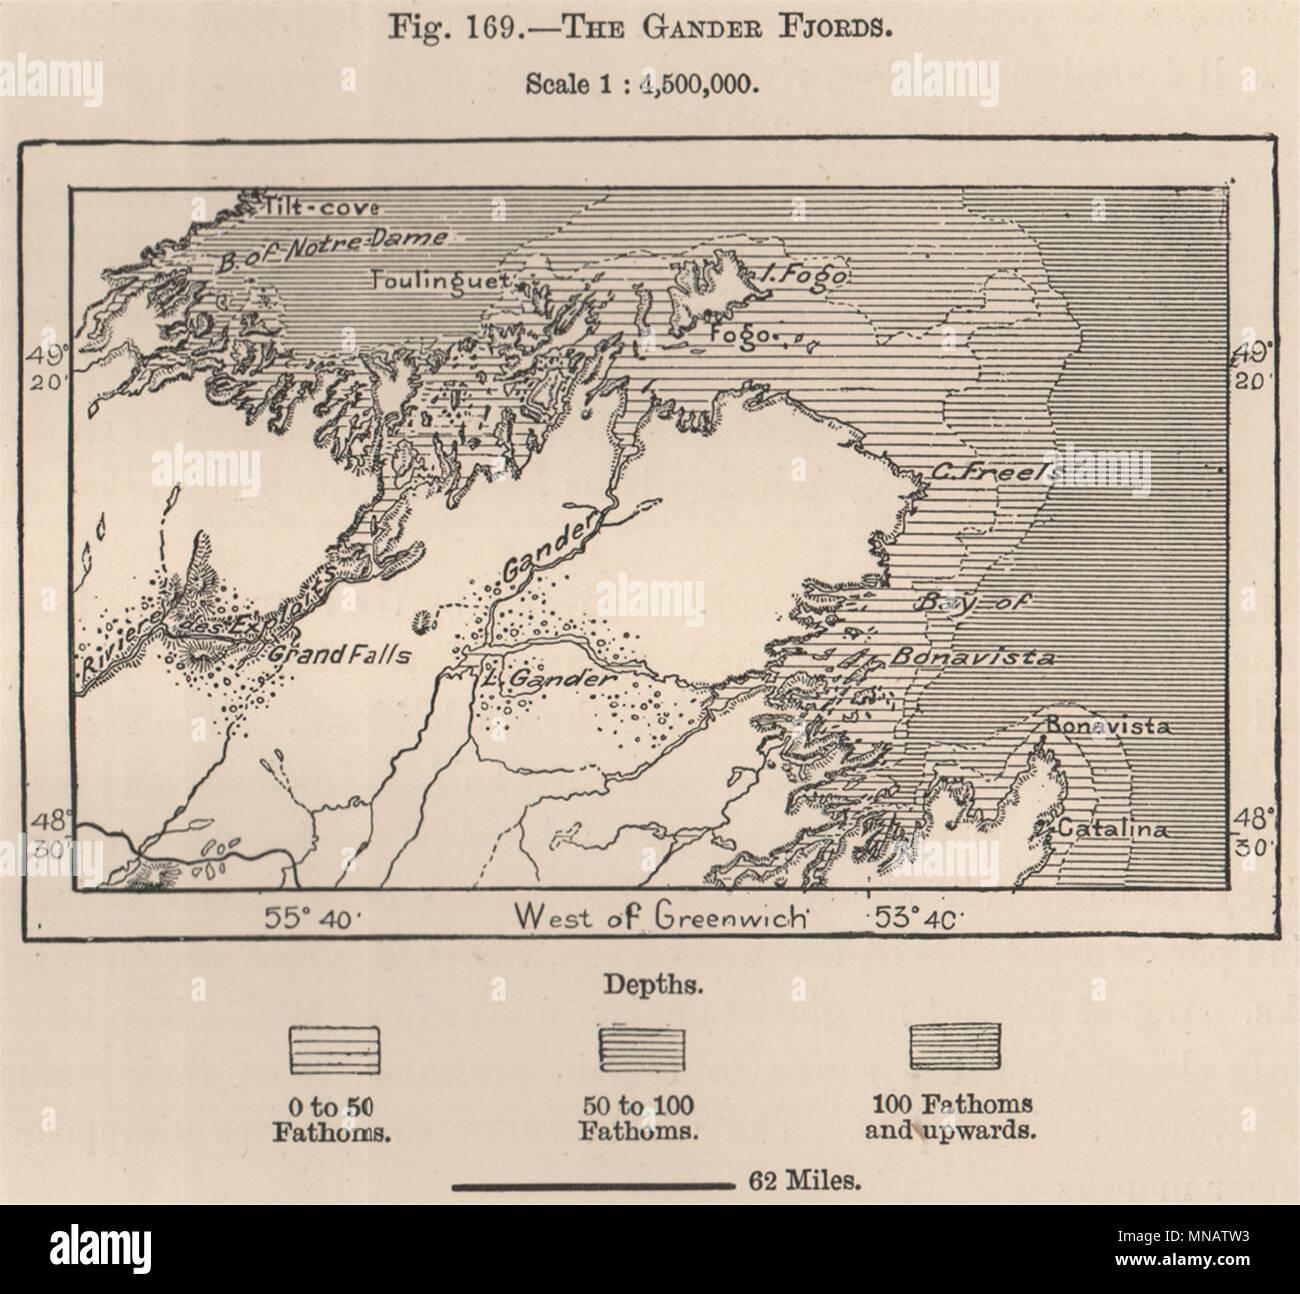 Gander Canada Map.The Gander Fjords Canada 1885 Old Antique Vintage Map Plan Chart